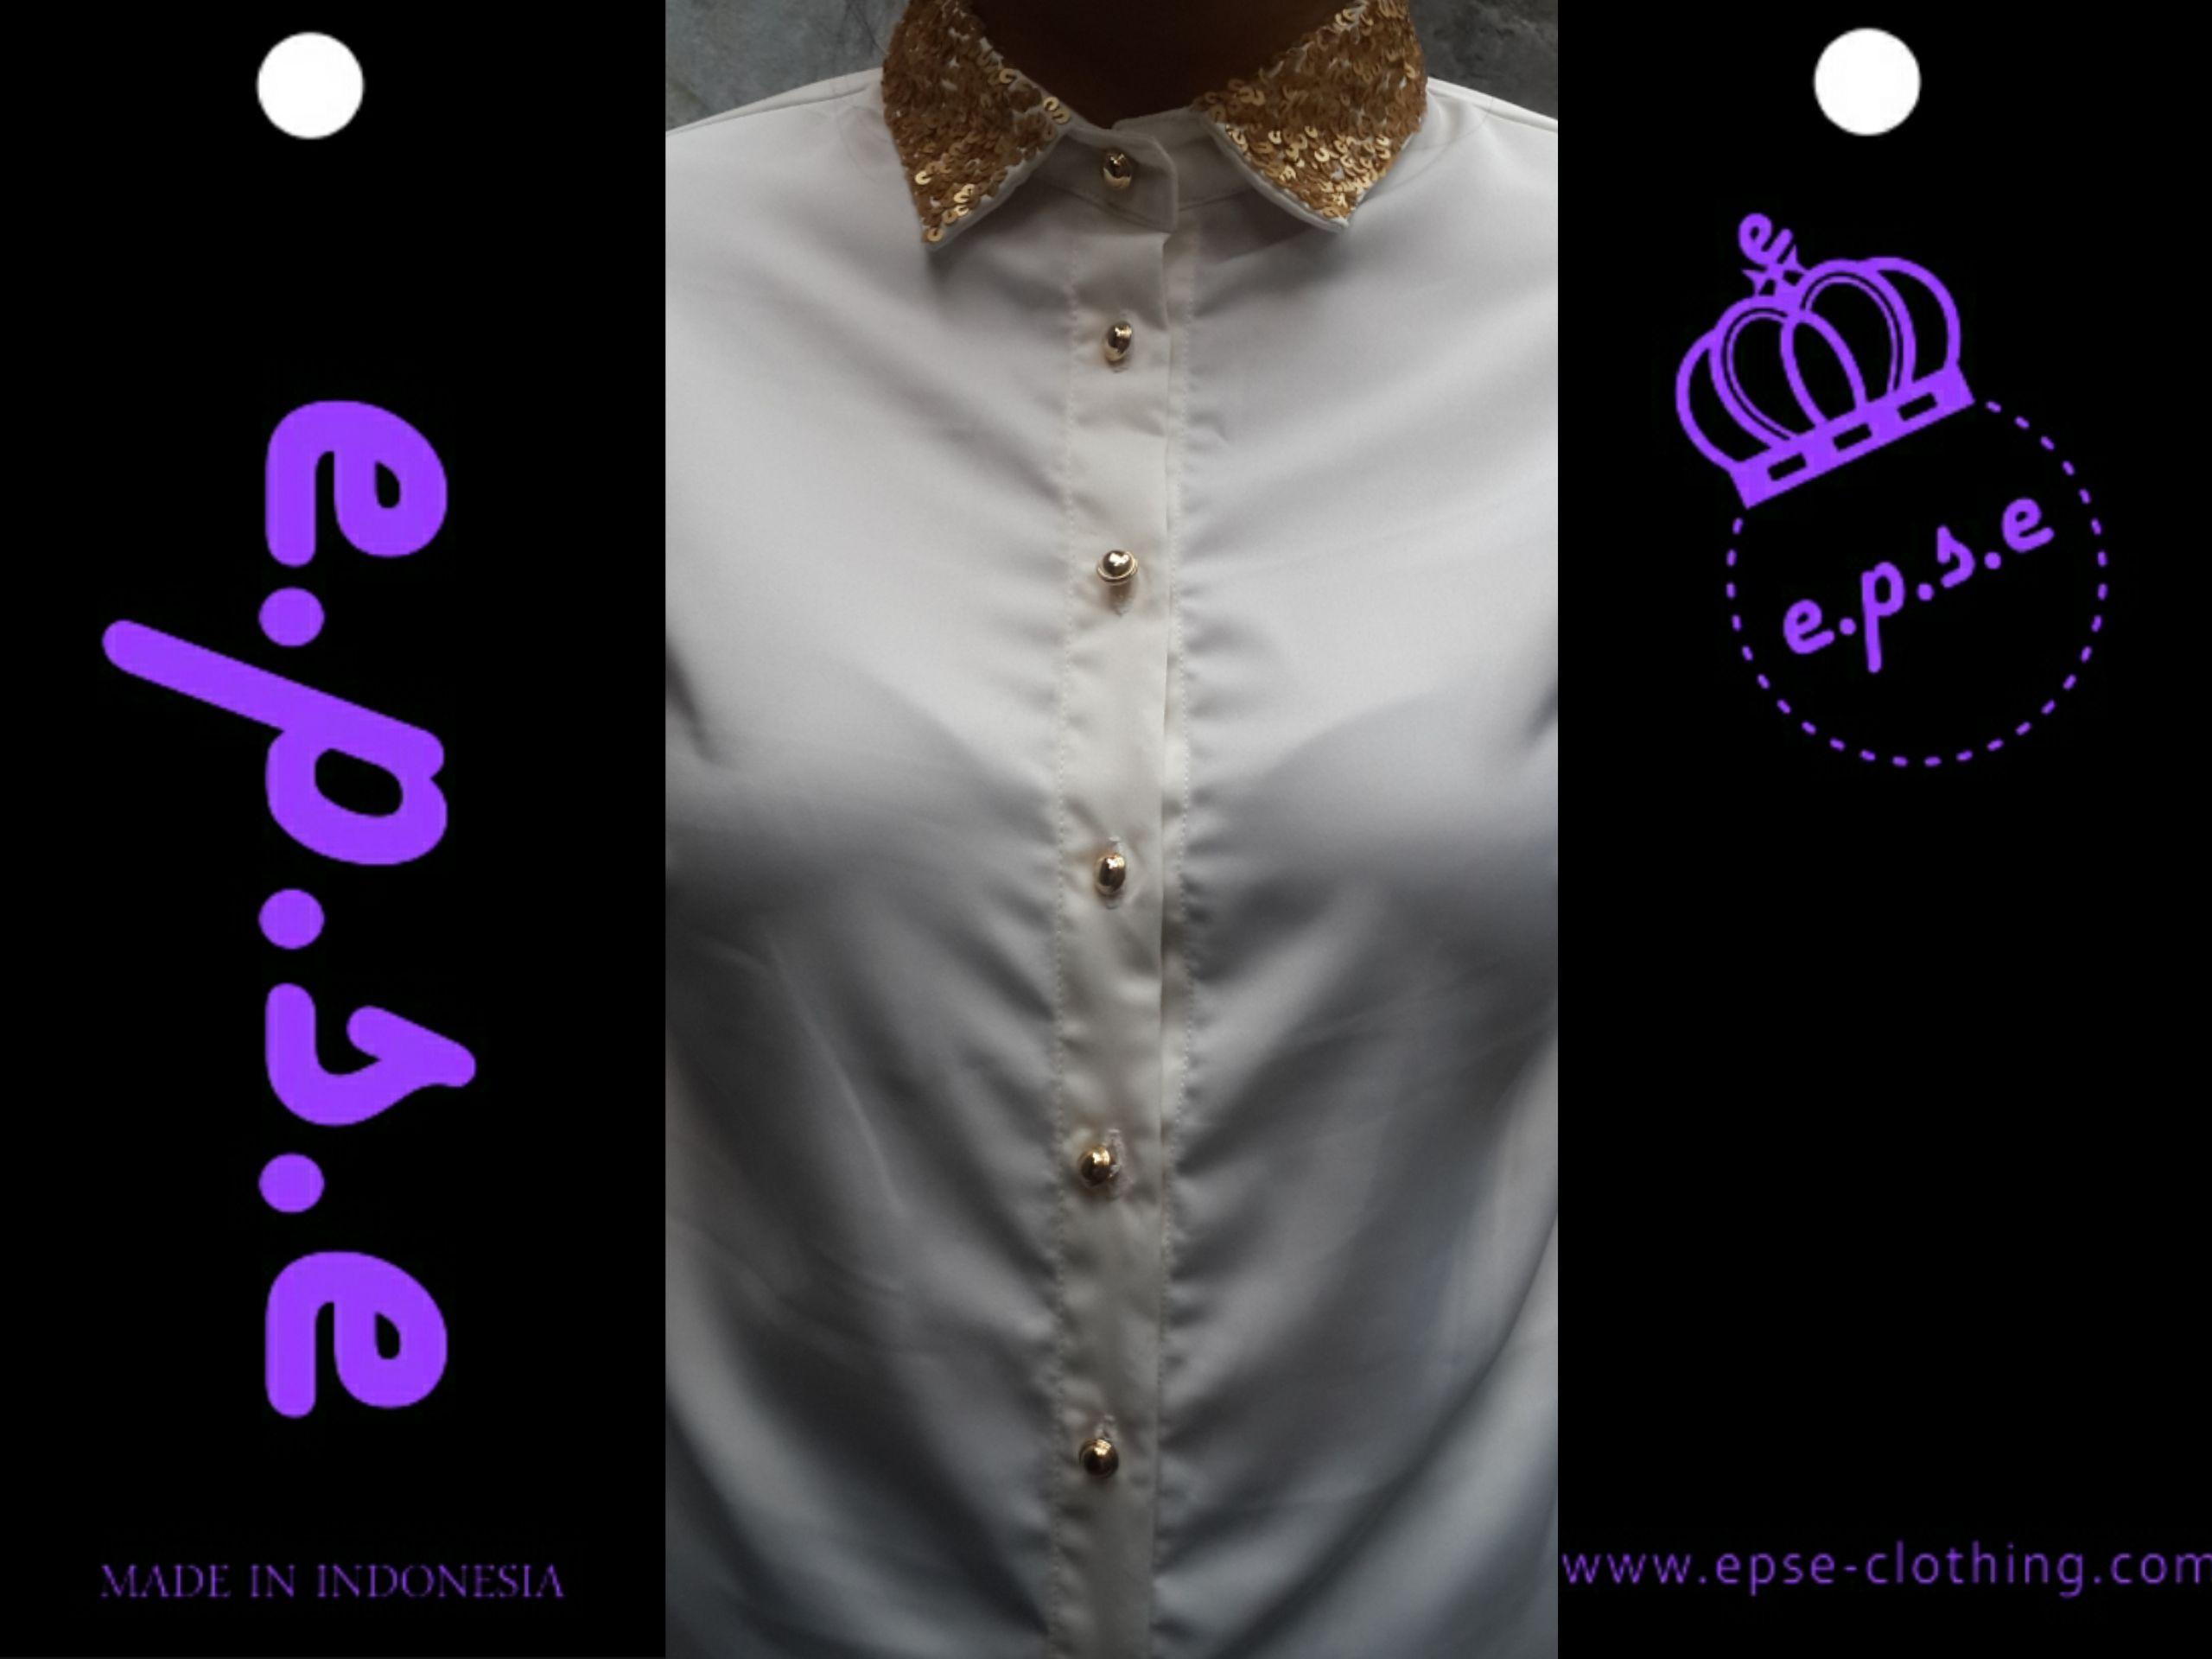 #epseclothing #epseindonesia